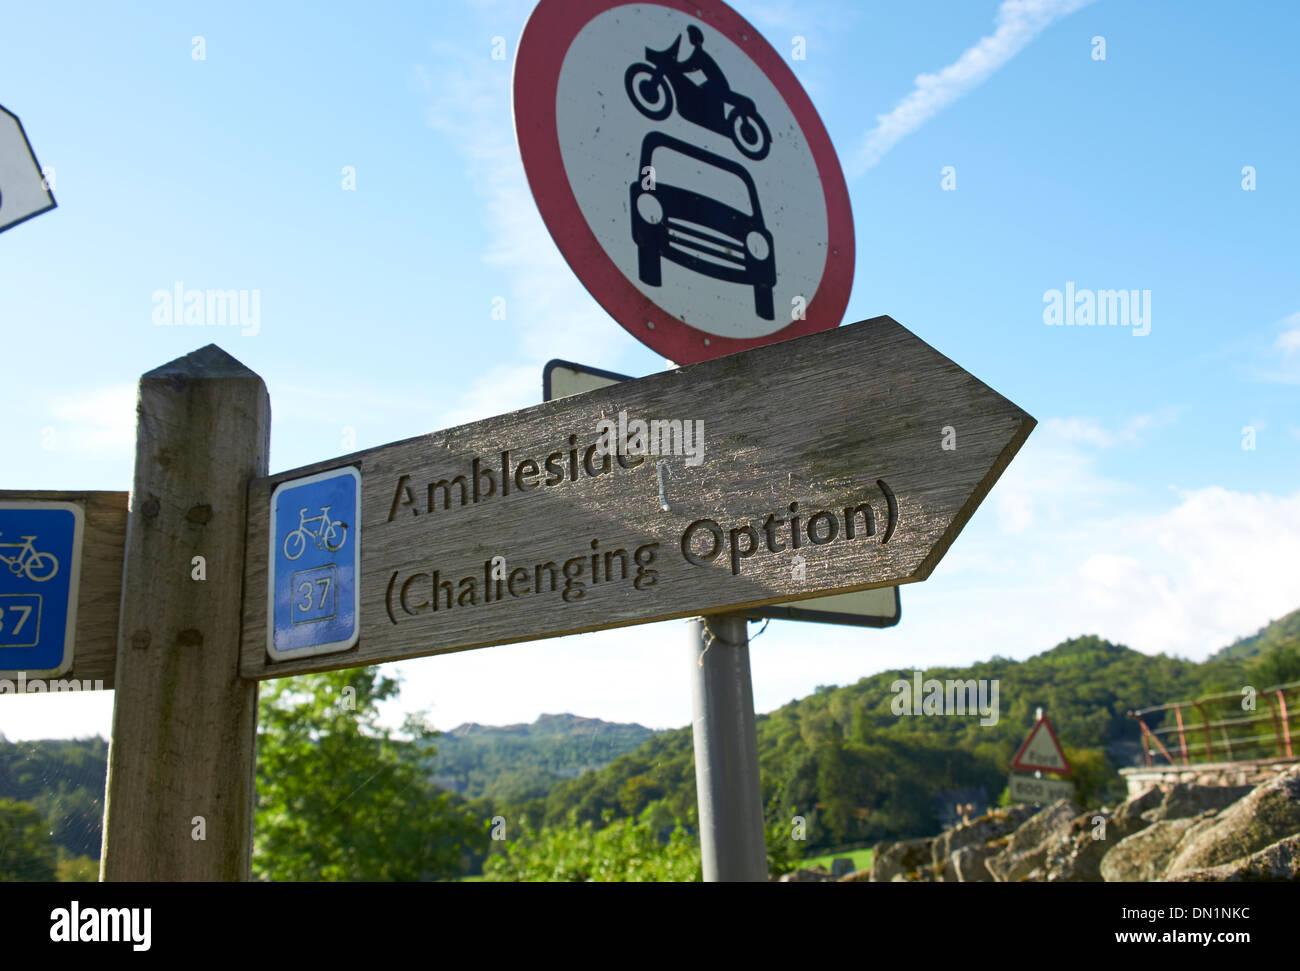 Segno posto per un impegnativo giro in bici nel distretto del lago, Inghilterra, Regno Unito. Immagini Stock